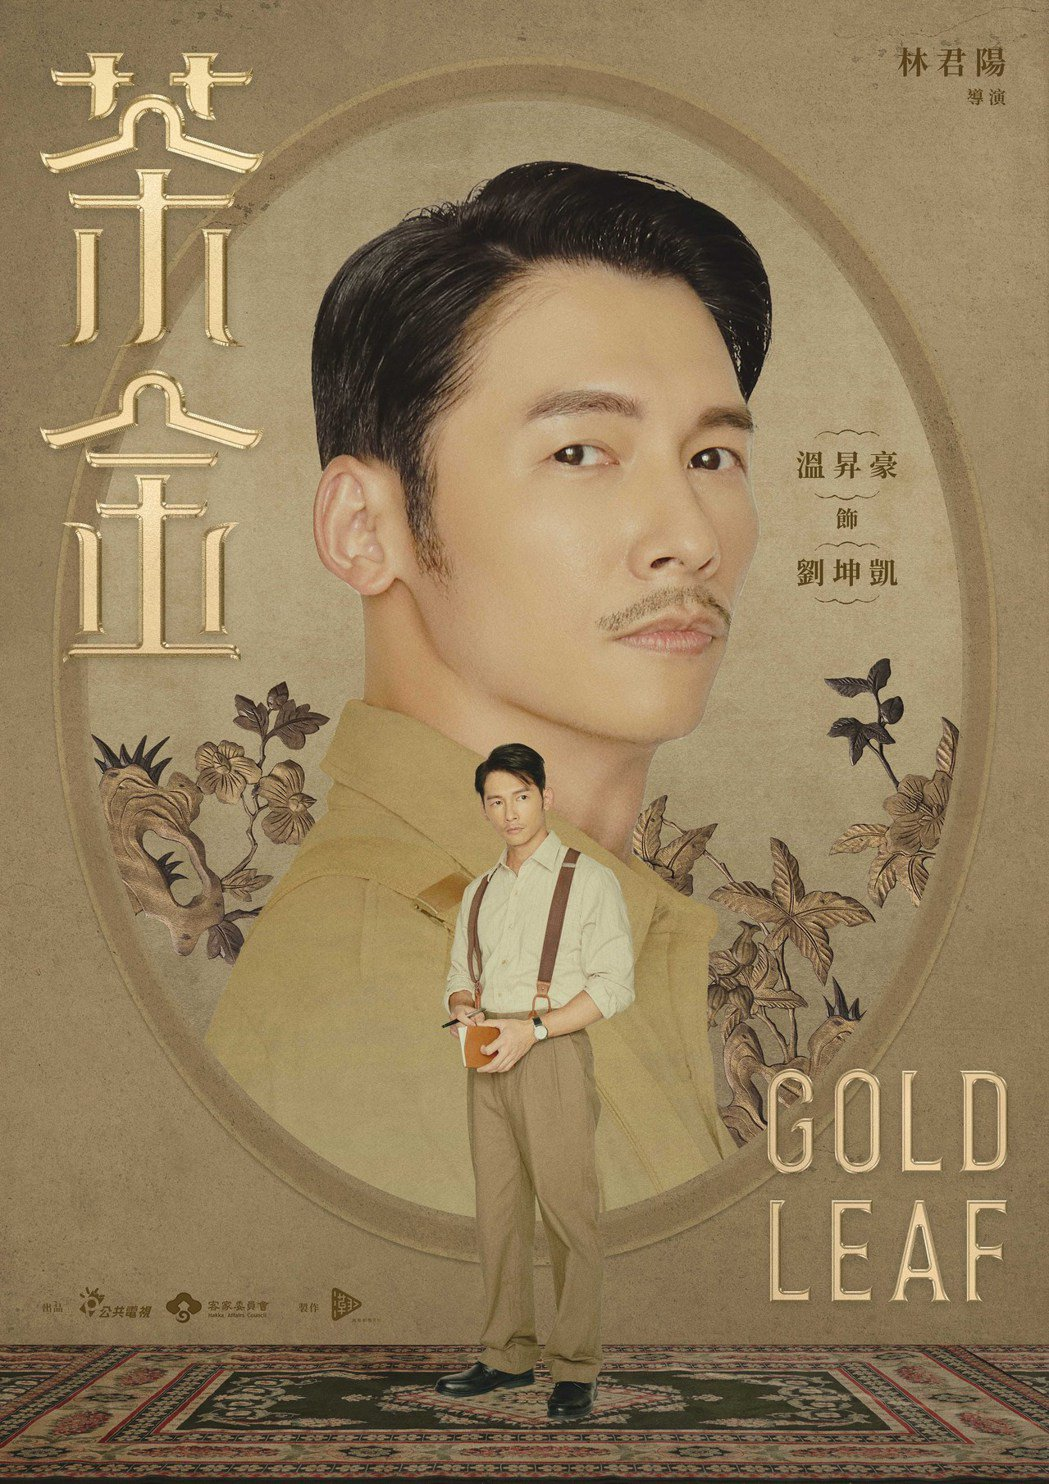 溫昇豪在「茶金」中飾演失意戰俘KK。圖/公視提供